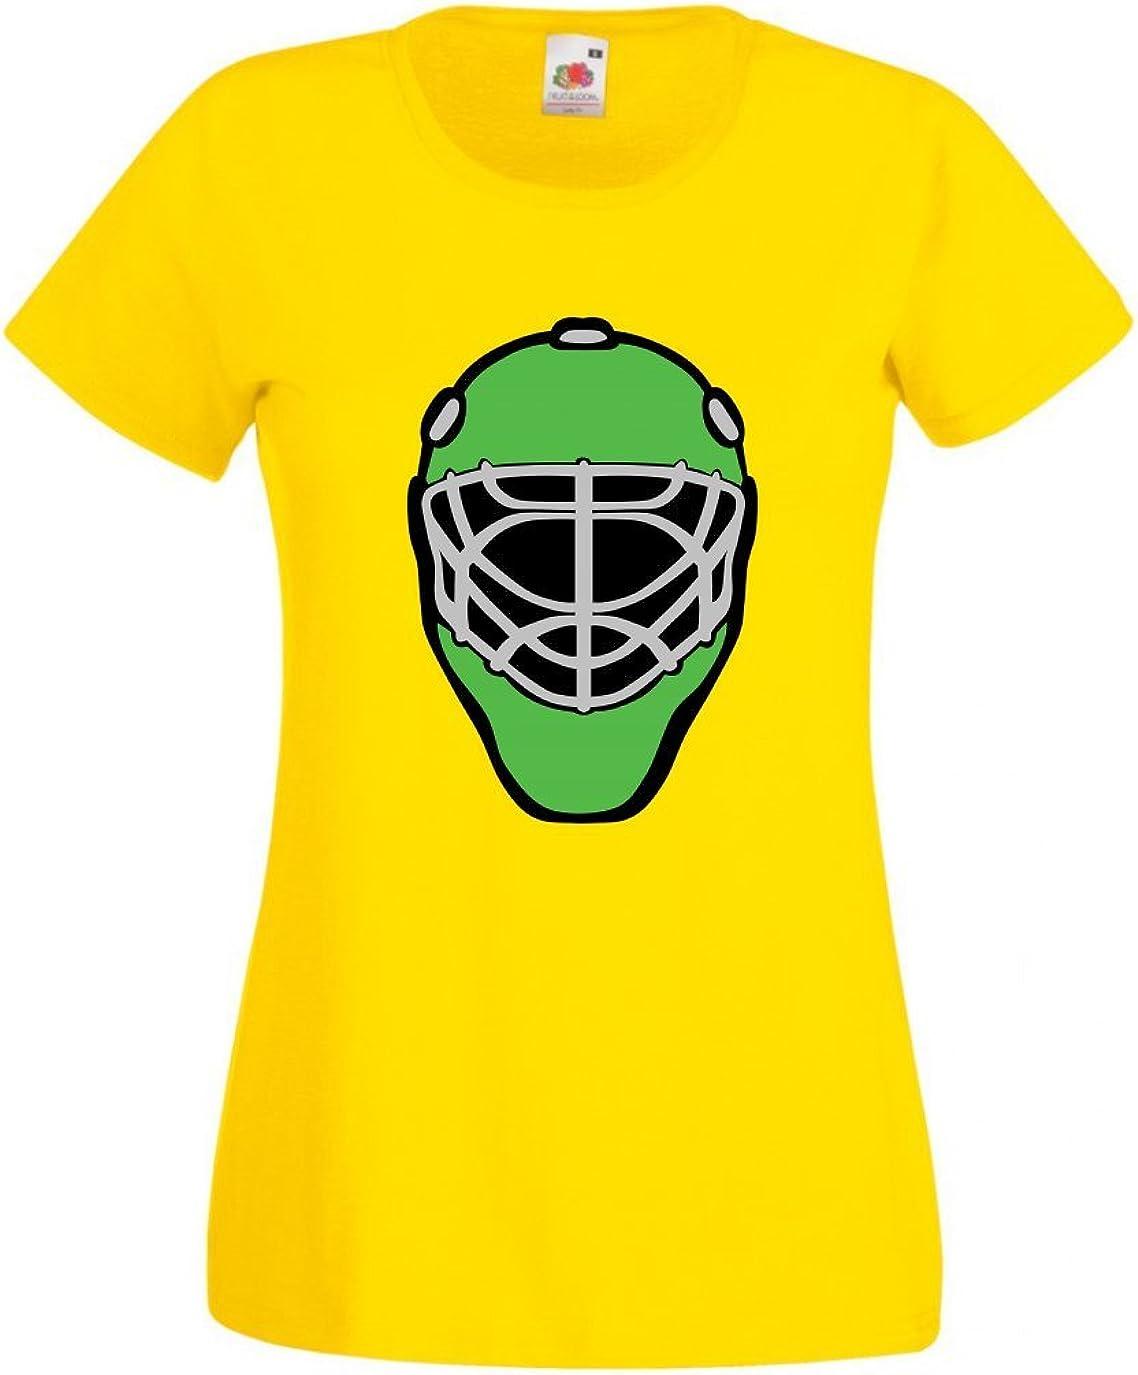 Druckerlebnis24 Camiseta de Casco, Hockey sobre Hielo, máscara, Portero, protección, Campo, para Hombre, Mujer, niños, 104 – 5XL